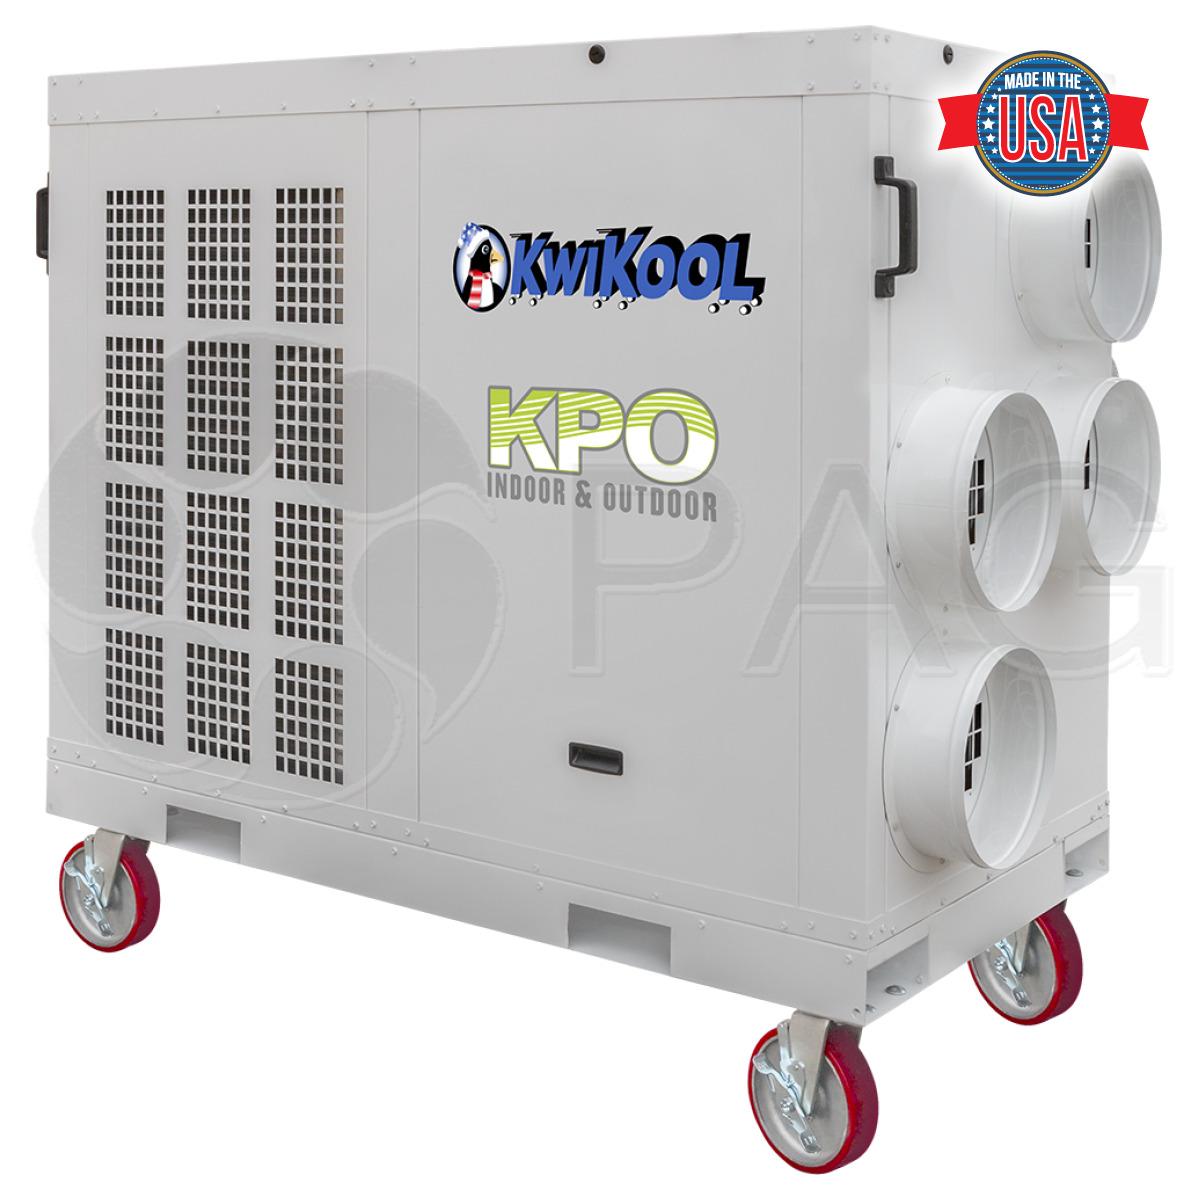 KwiKool KPO12-43 indoor/outdoor portable air conditioner